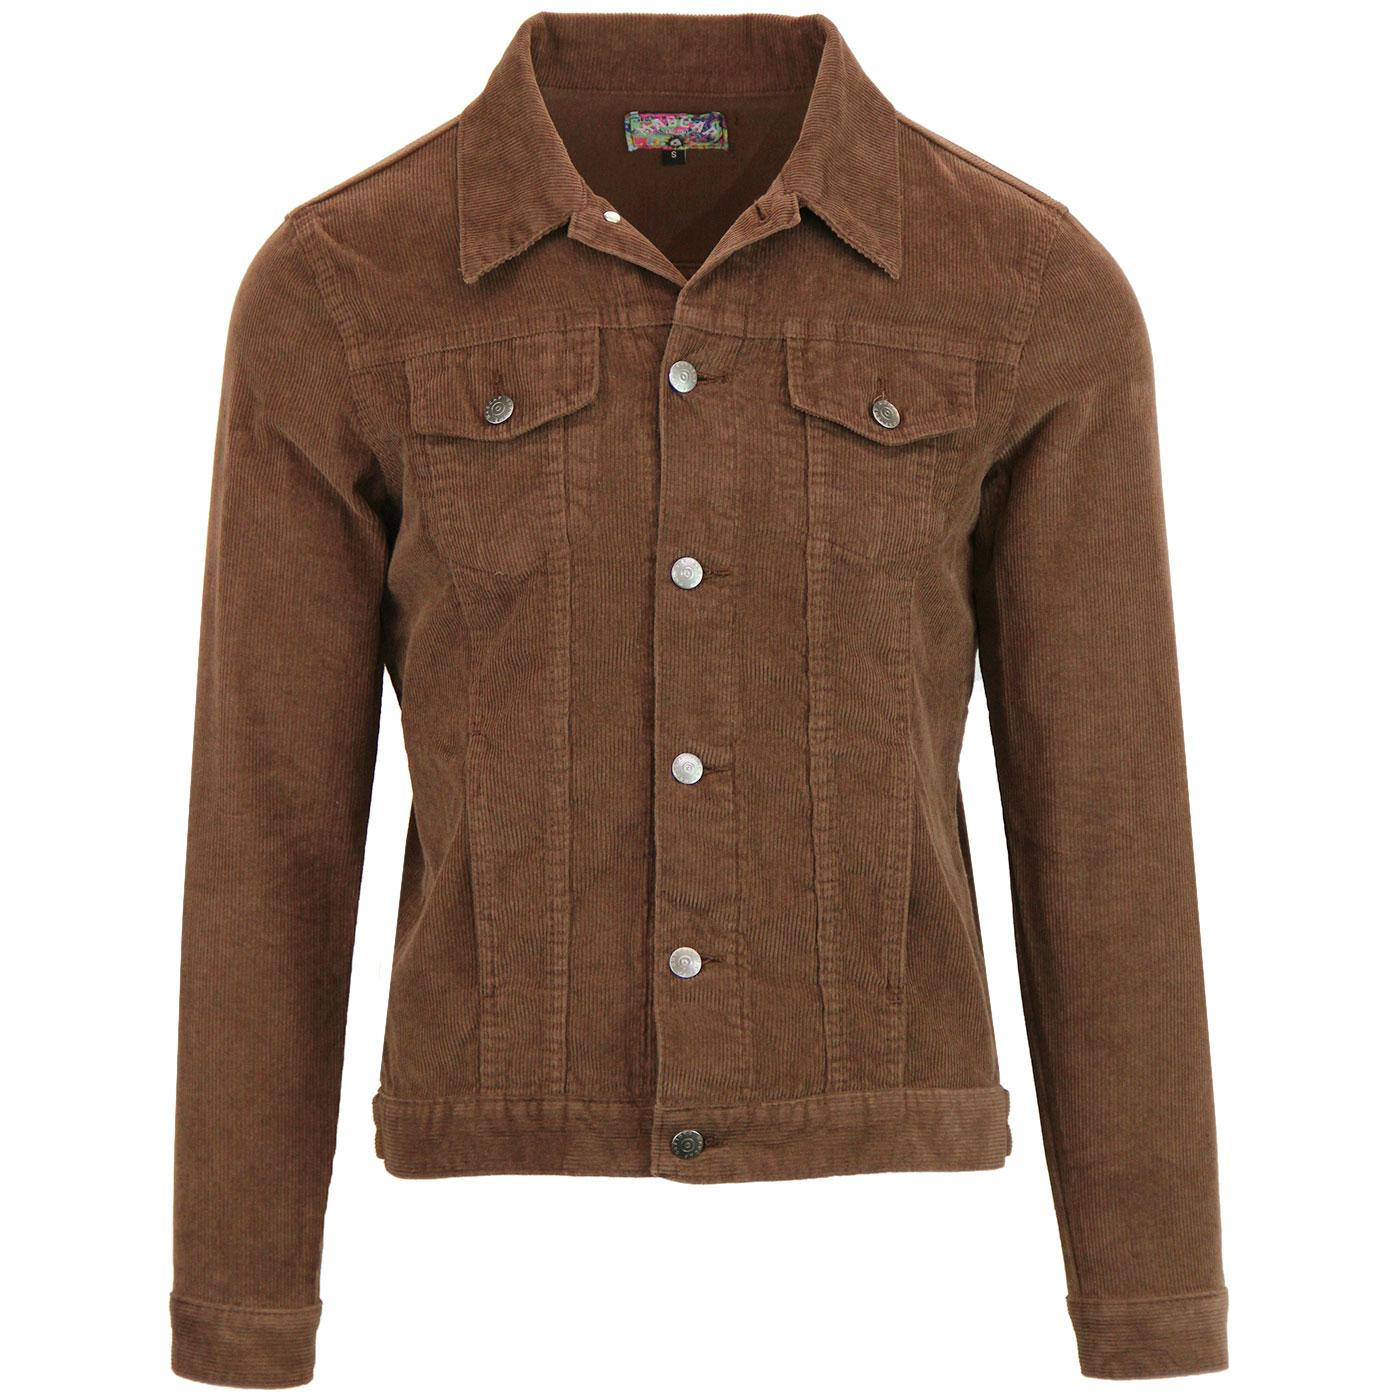 Woburn MADCAP ENGLAND Cord Western Jacket (Cocoa)